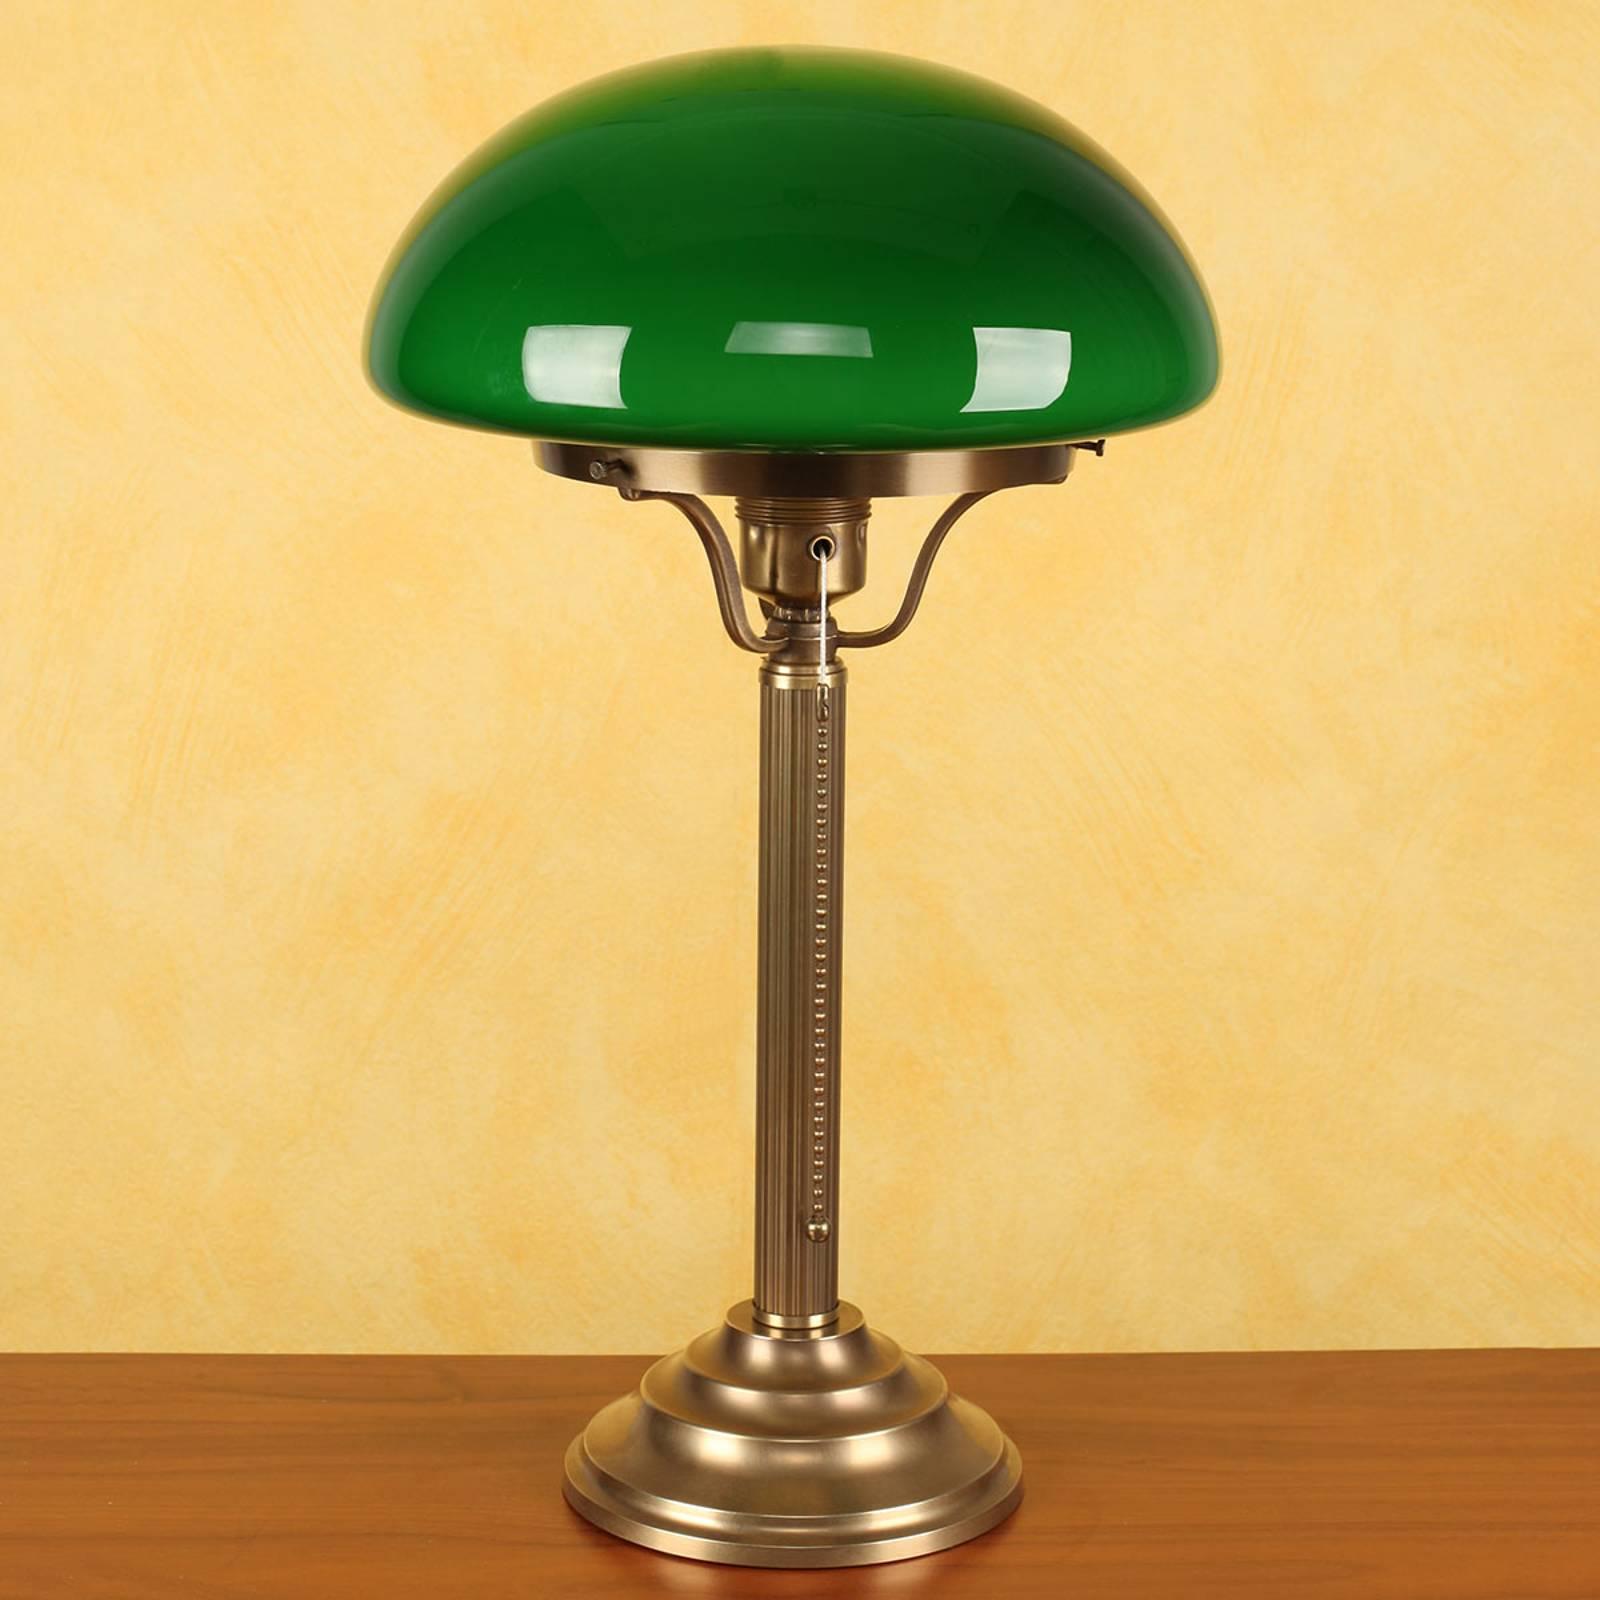 Messing tafellamp Hari met groene kap